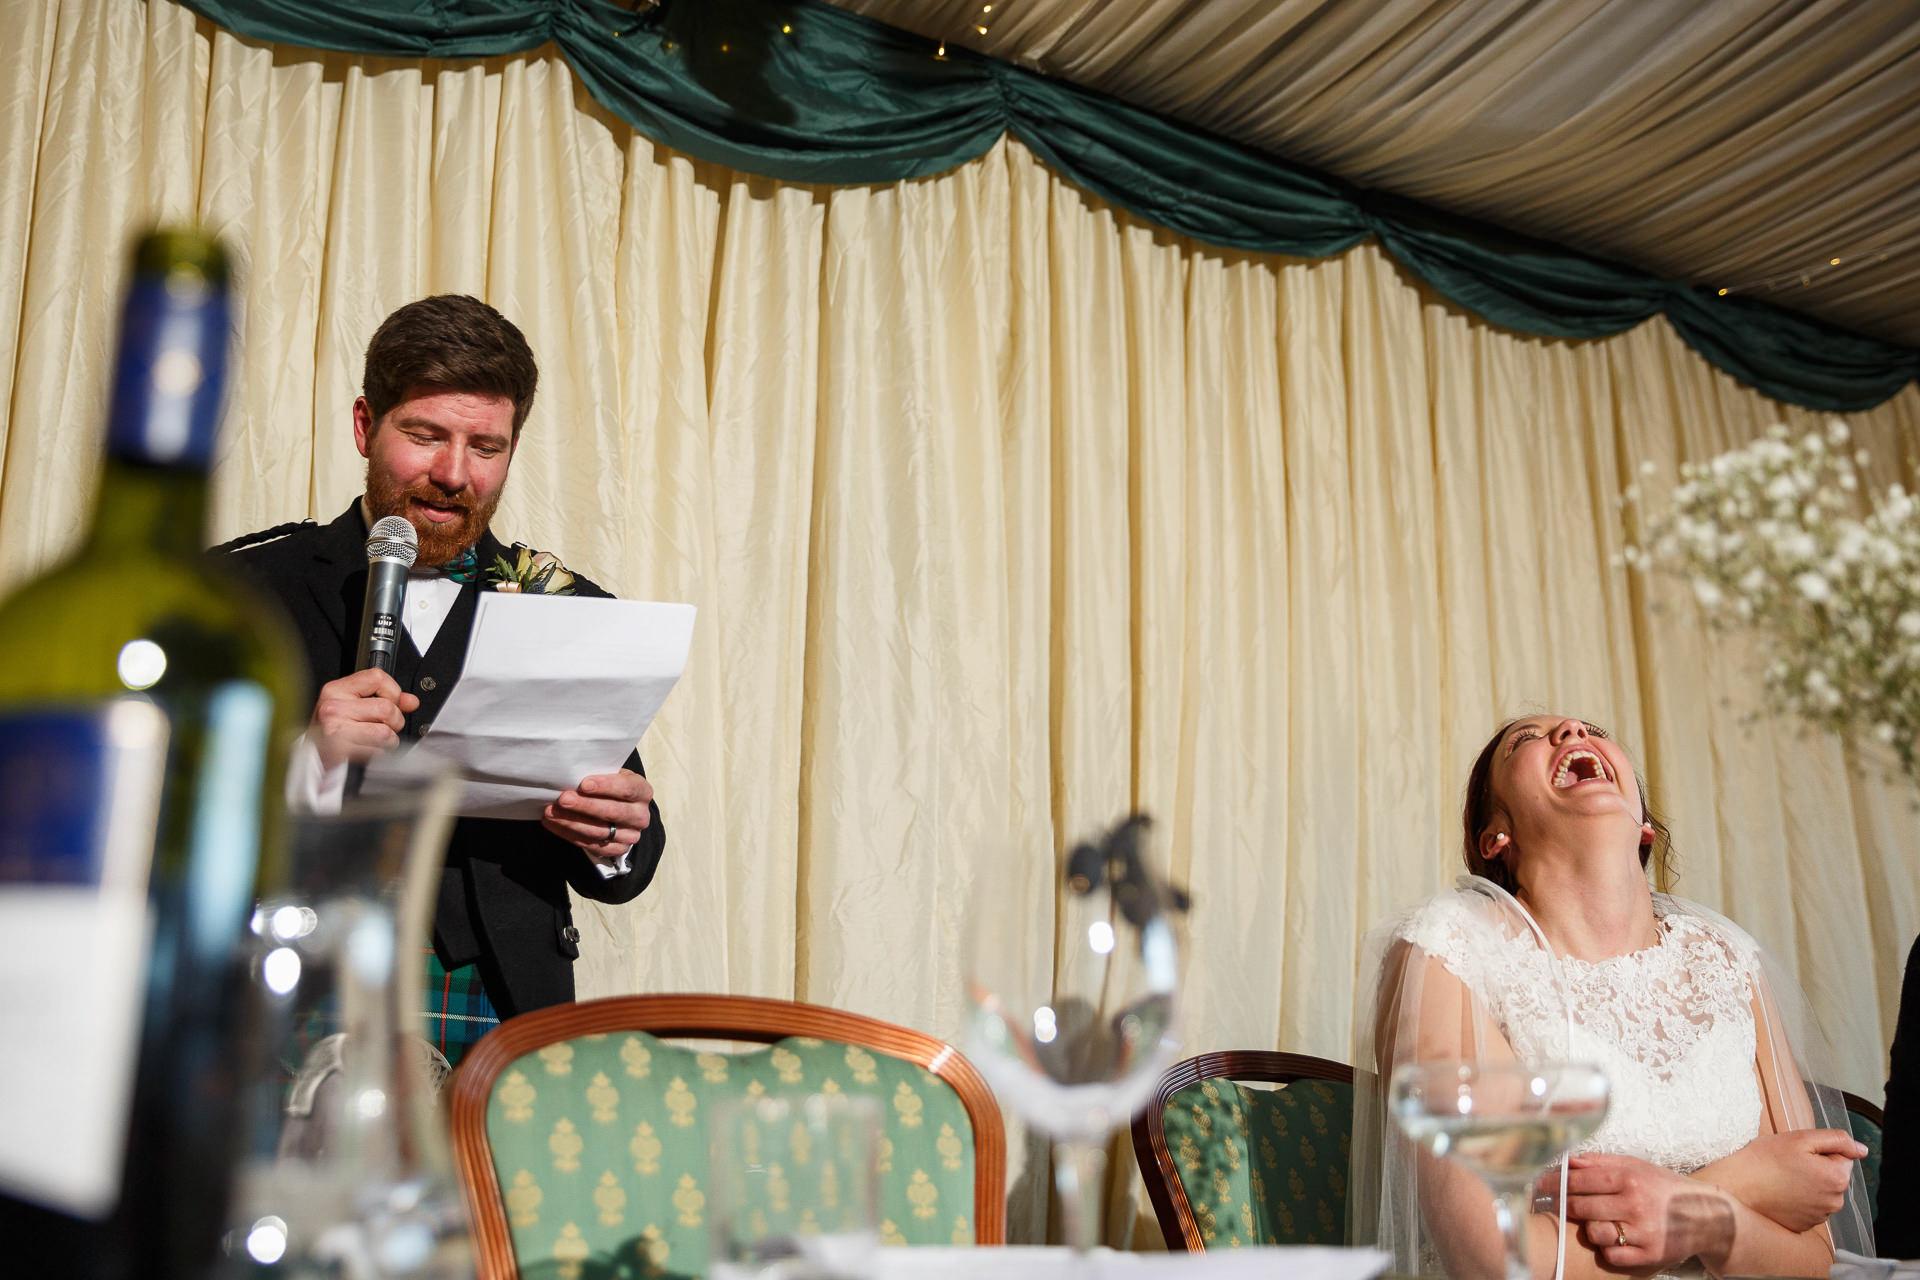 Wedding photographer Forfar Dundee relaxed fun natural Aberdeen Edinburgh